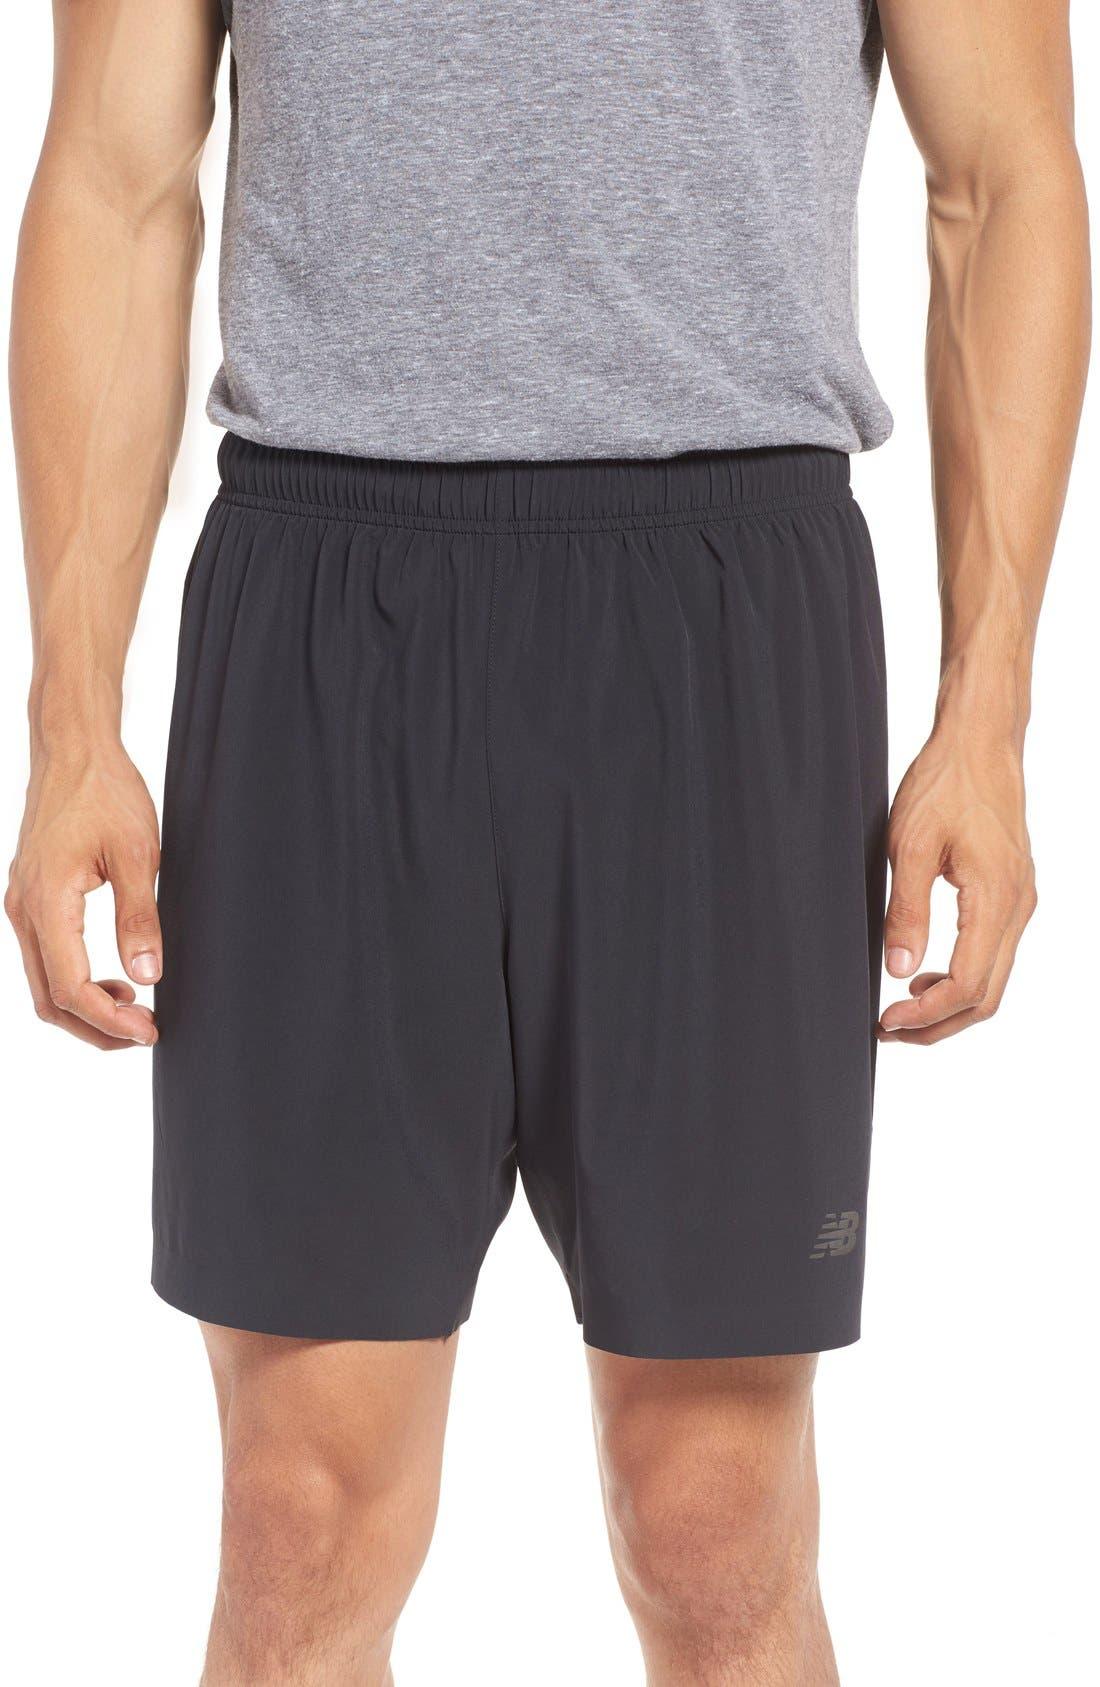 New Balance 'Shift' Athletic Fit Training Shorts